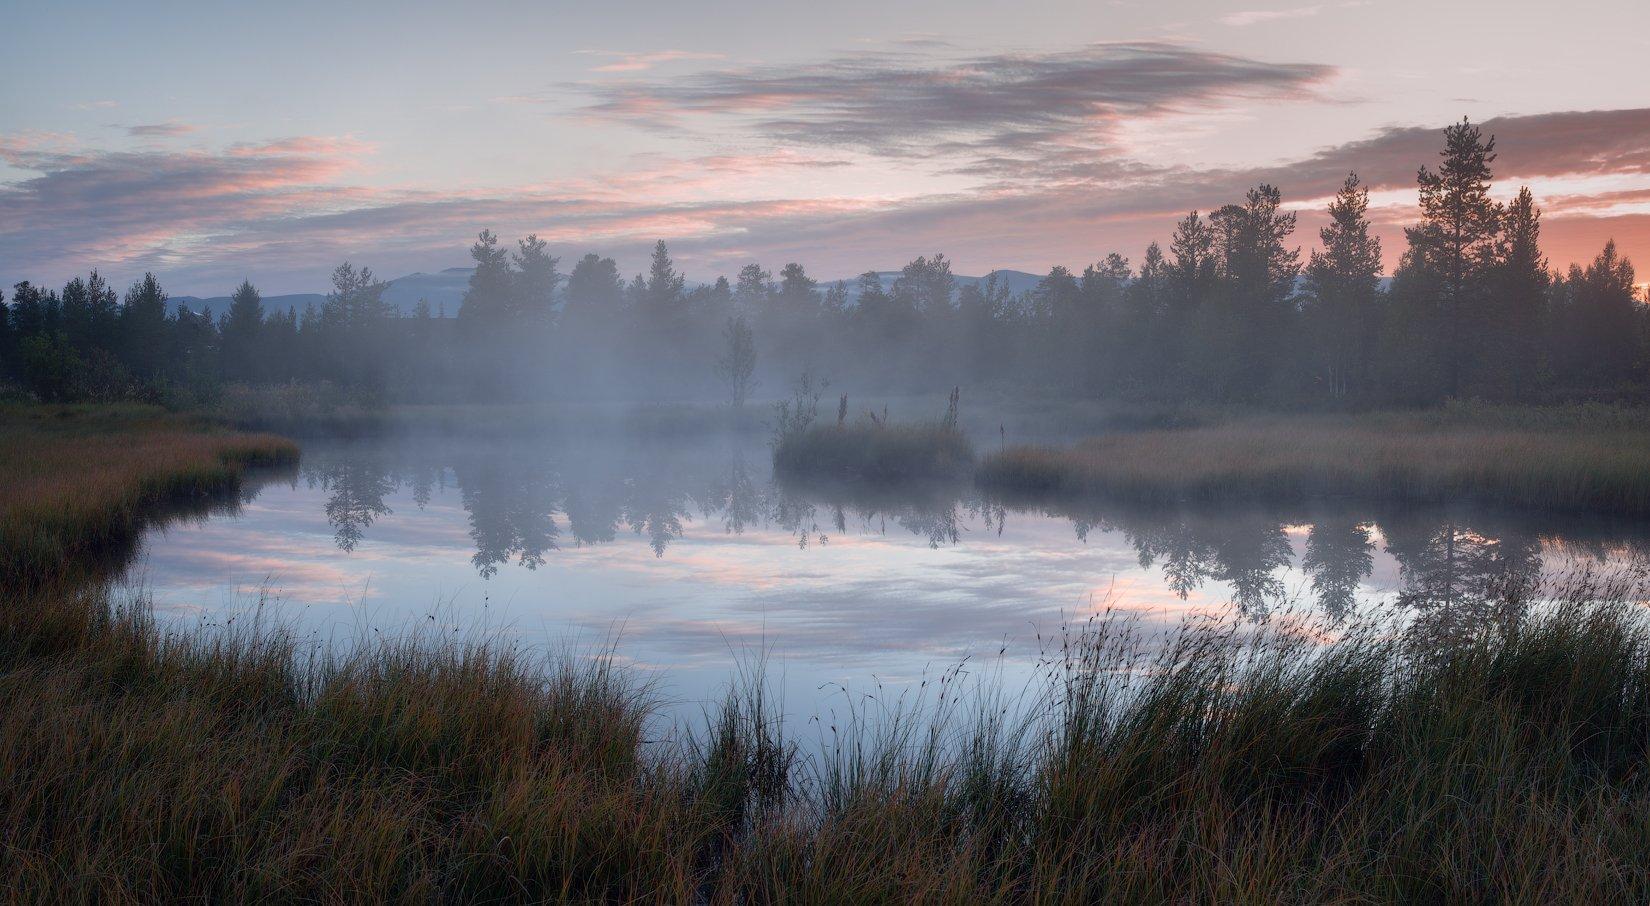 пейзаж,россия,кольский,север,небо,рассвет,отражение, Истомин Виталий